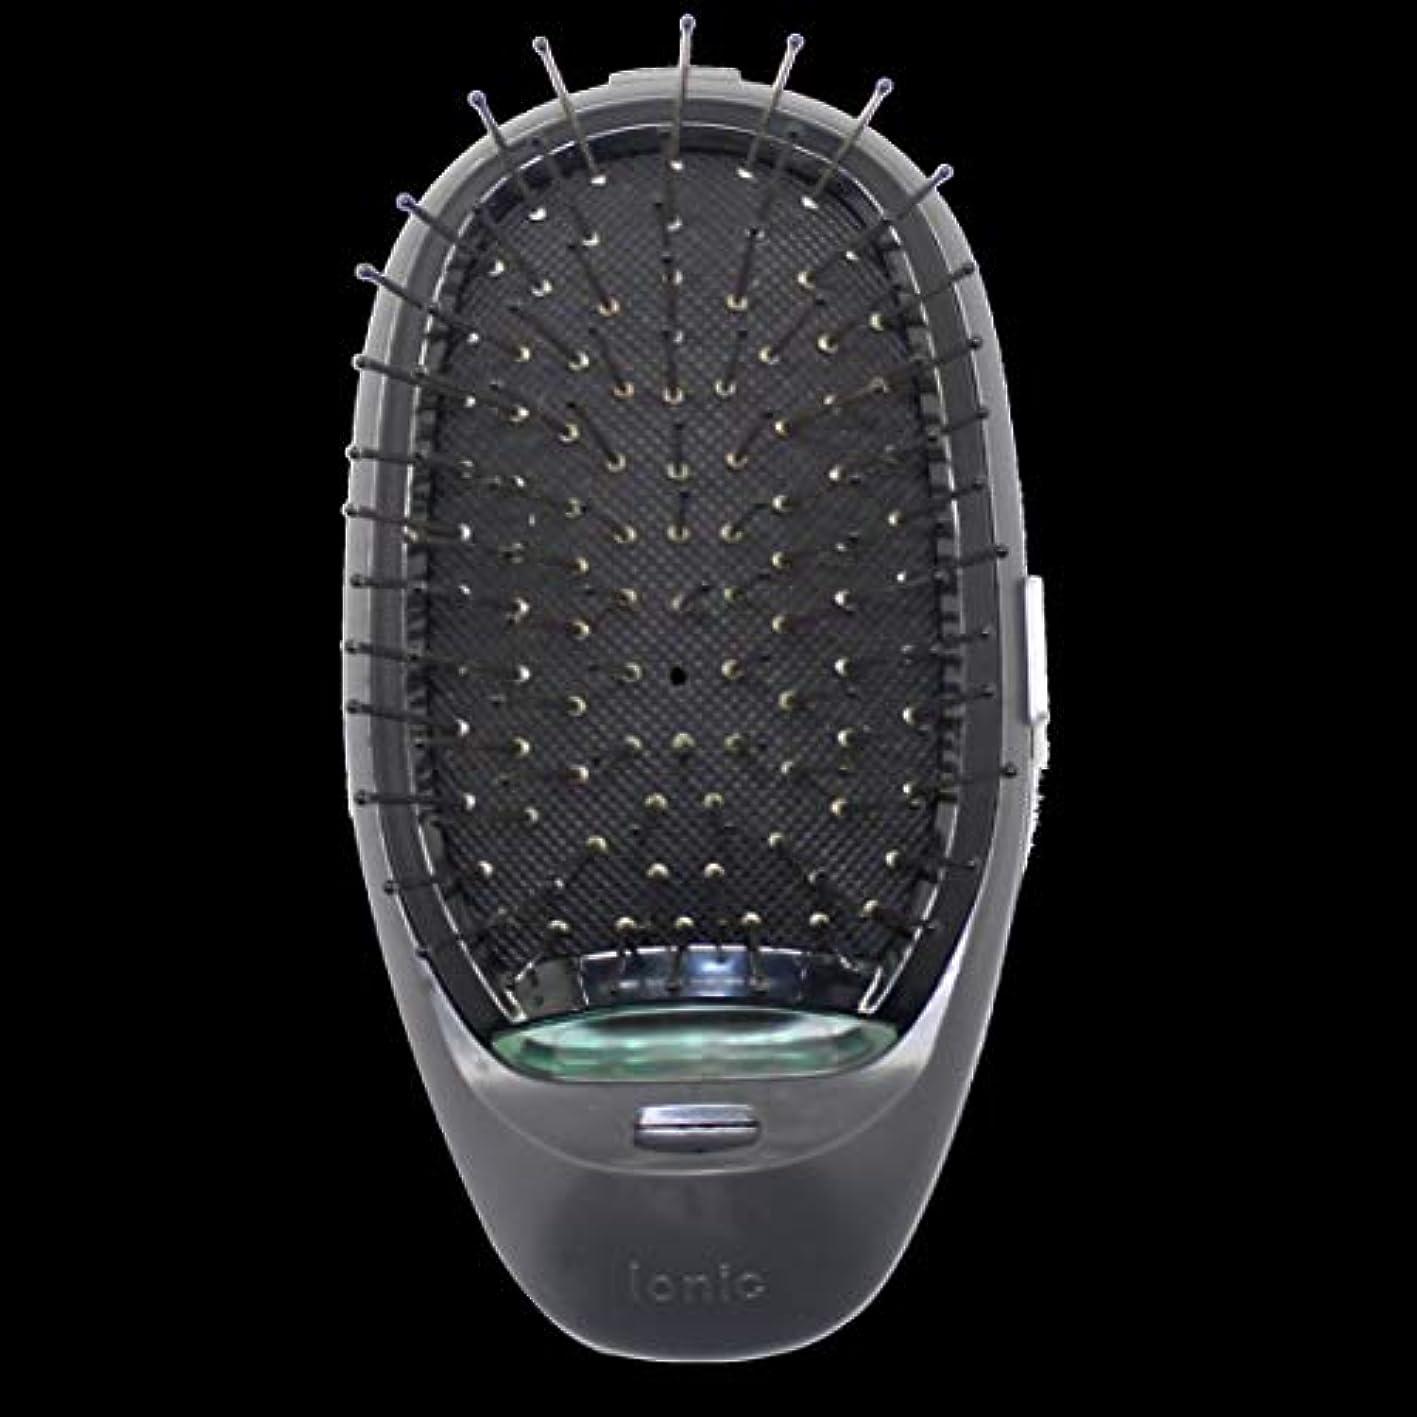 バズ子犬好戦的な電動マッサージヘアブラシミニマイナスイオンヘアコム3Dインフレータブルコーム帯電防止ガールズヘアブラシ電池式 - ブラック